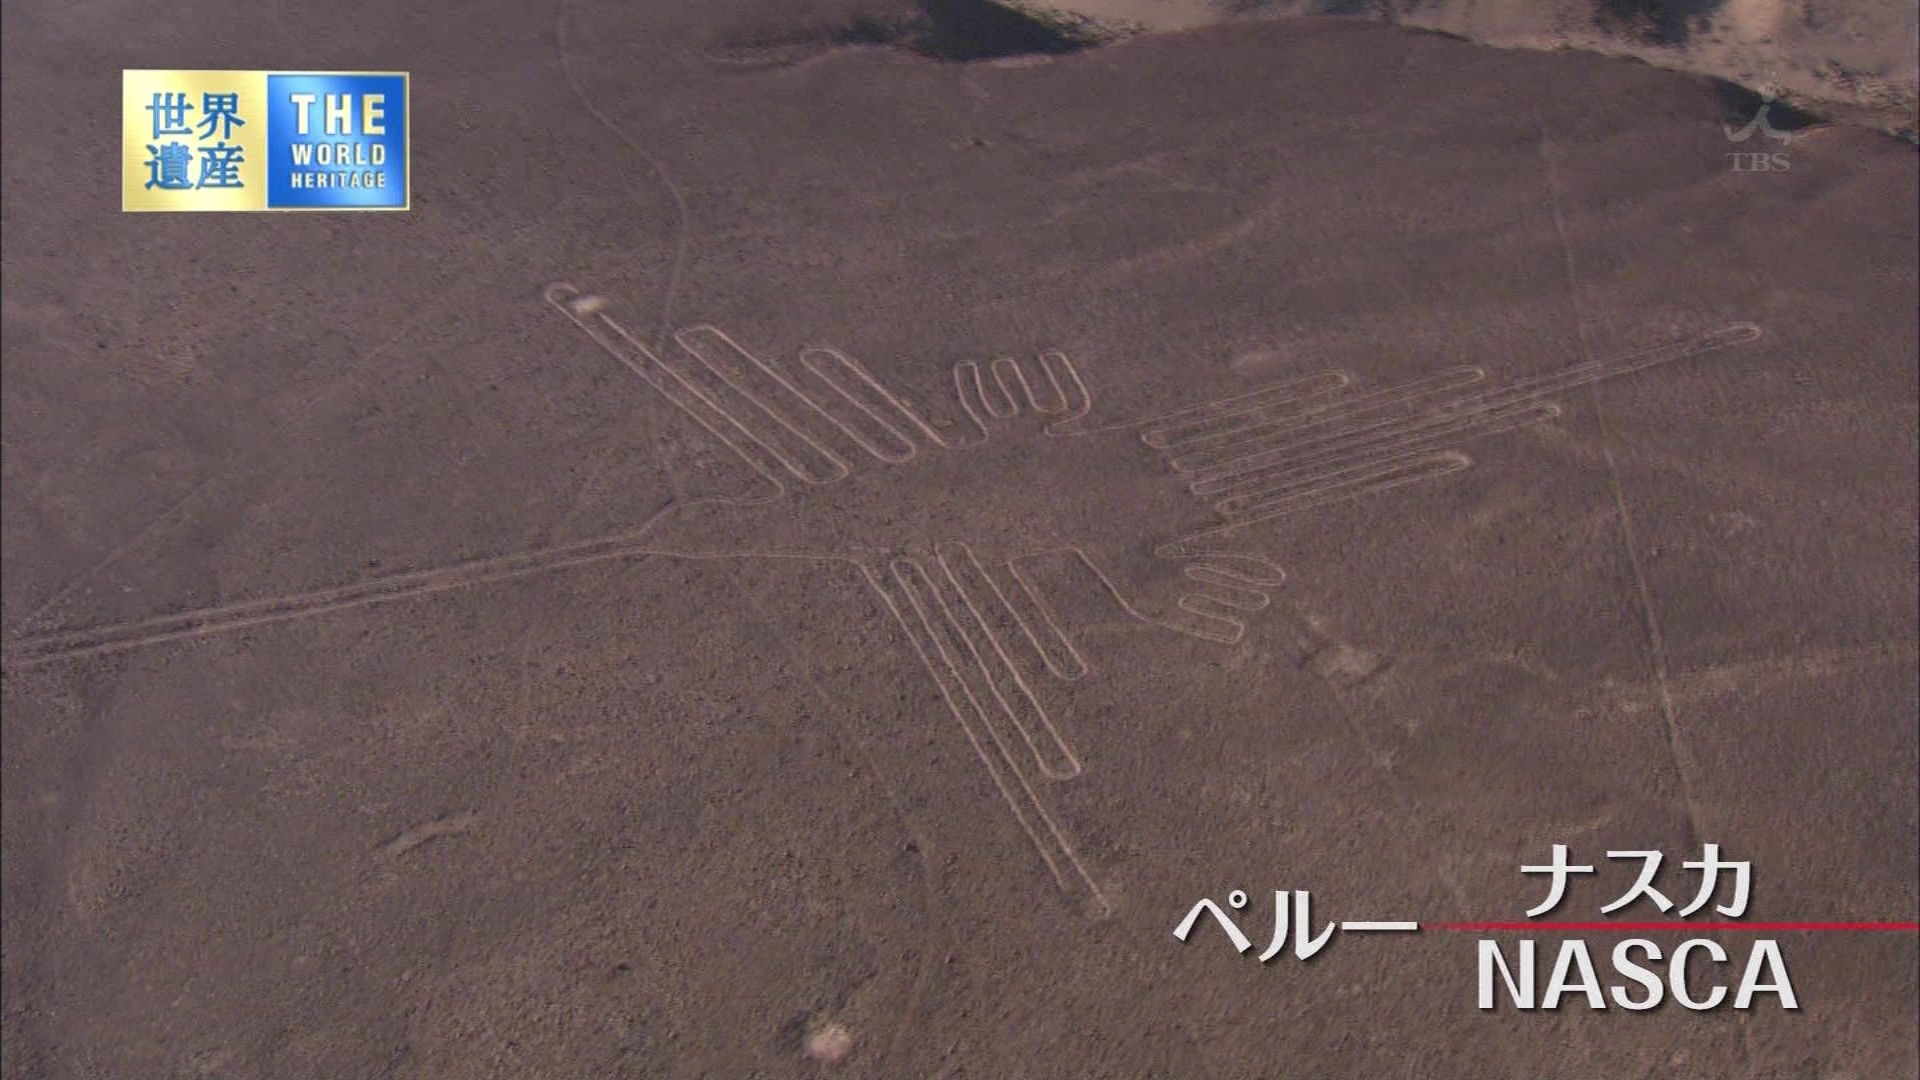 ナスカの地上絵の画像 p1_36